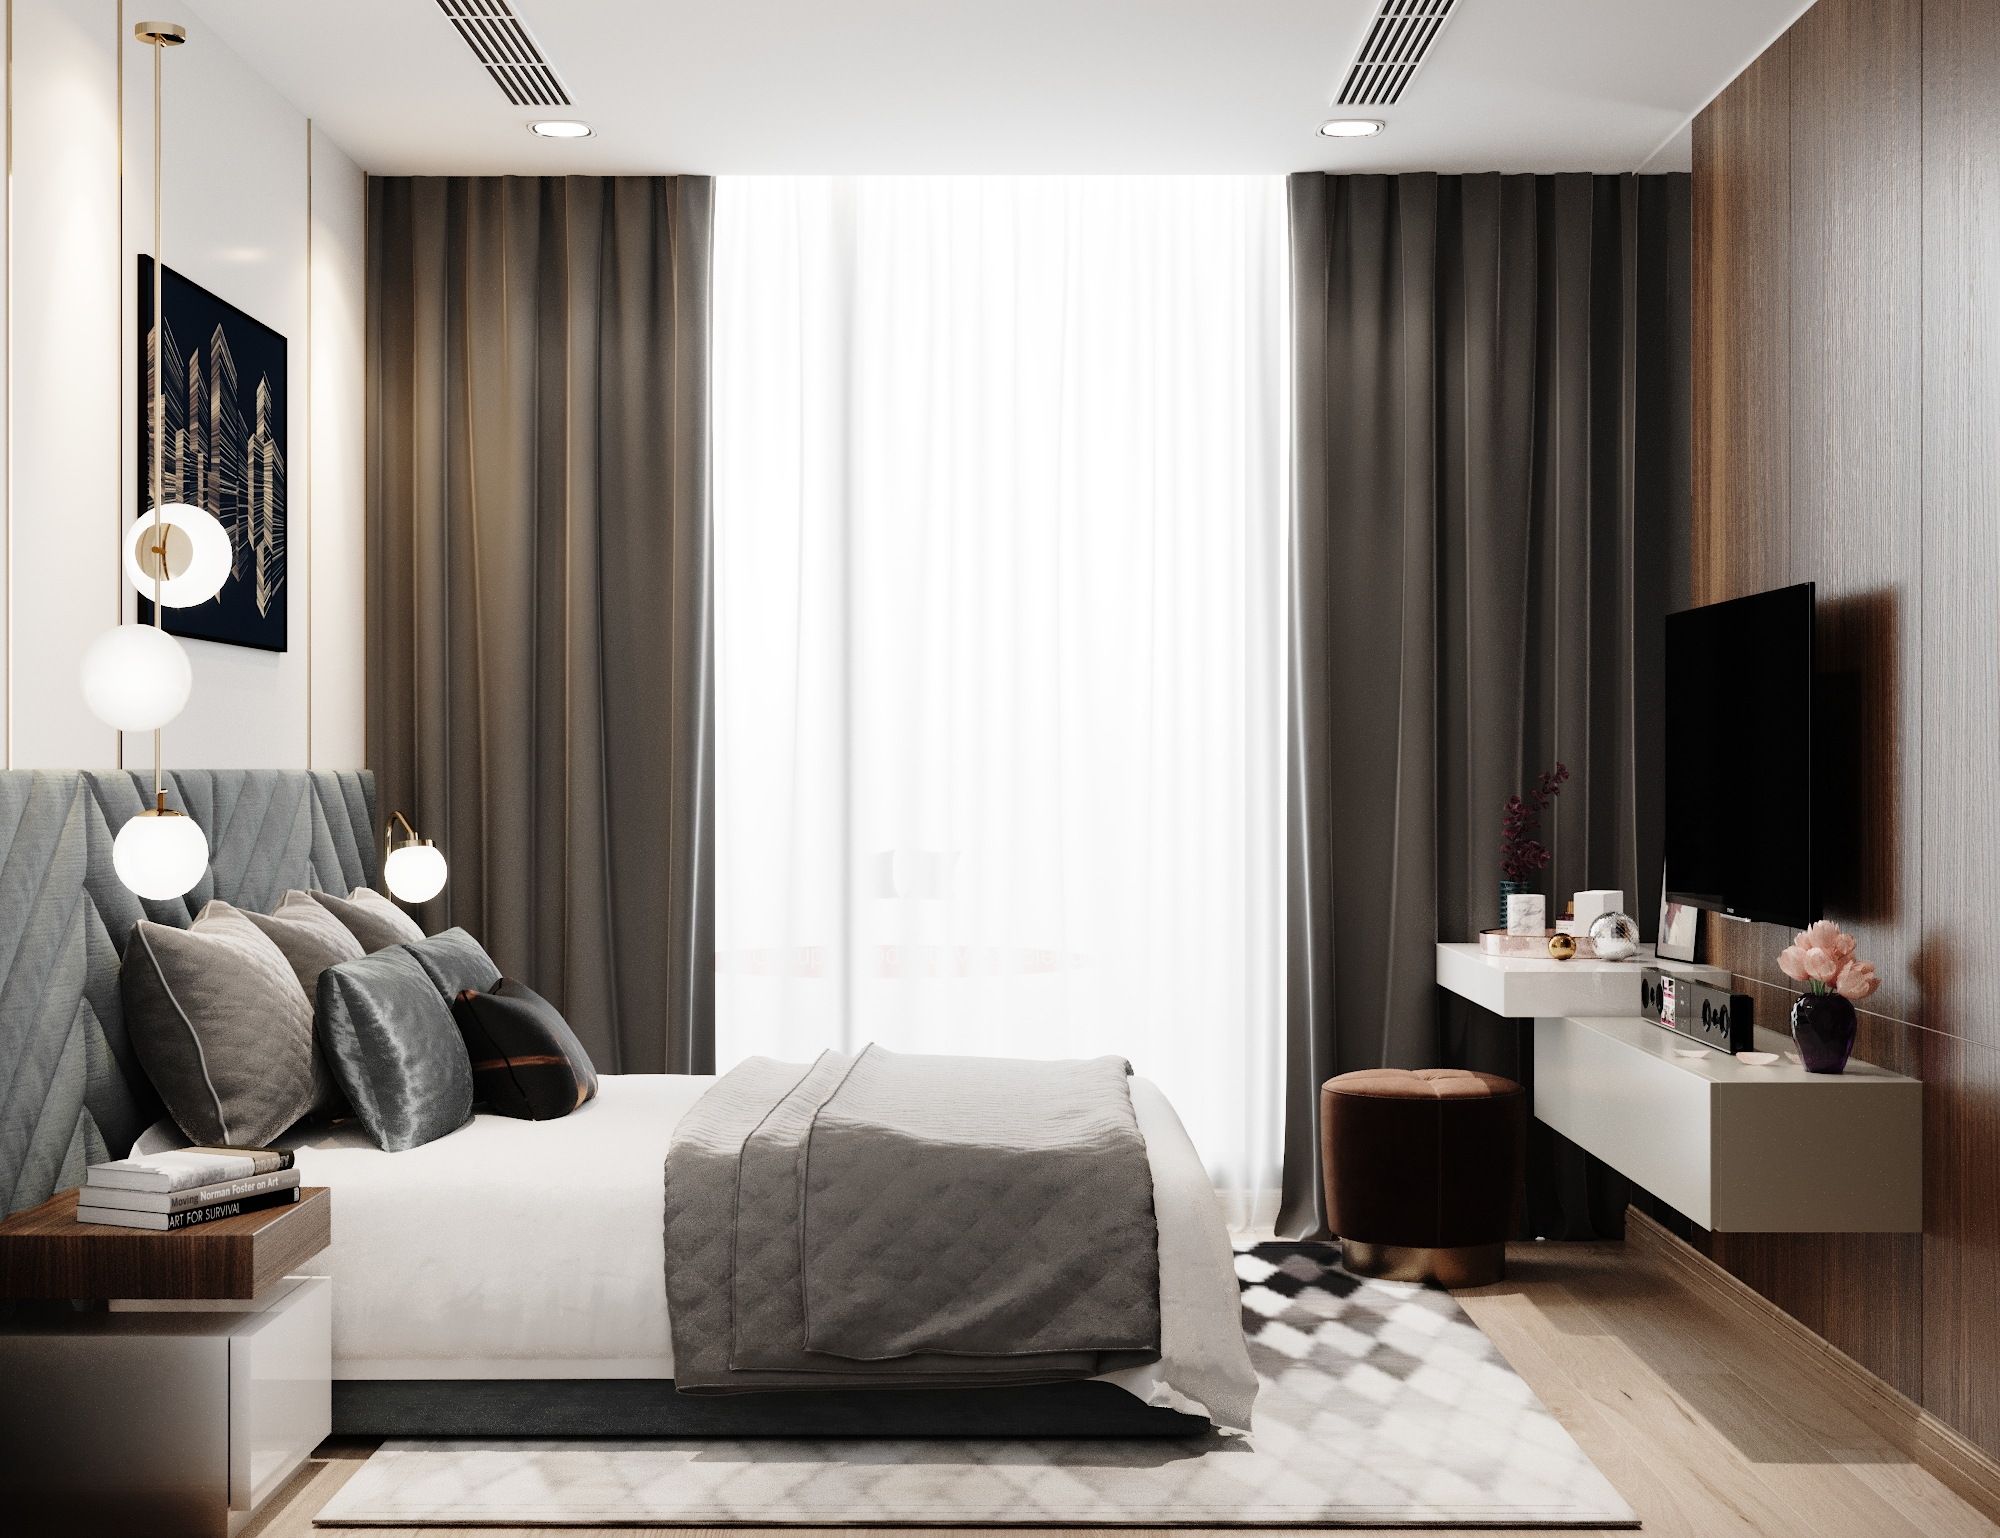 Thiết kế nội thất Chung Cư tại Hồ Chí Minh Vinhomes Bason 1575023164 4